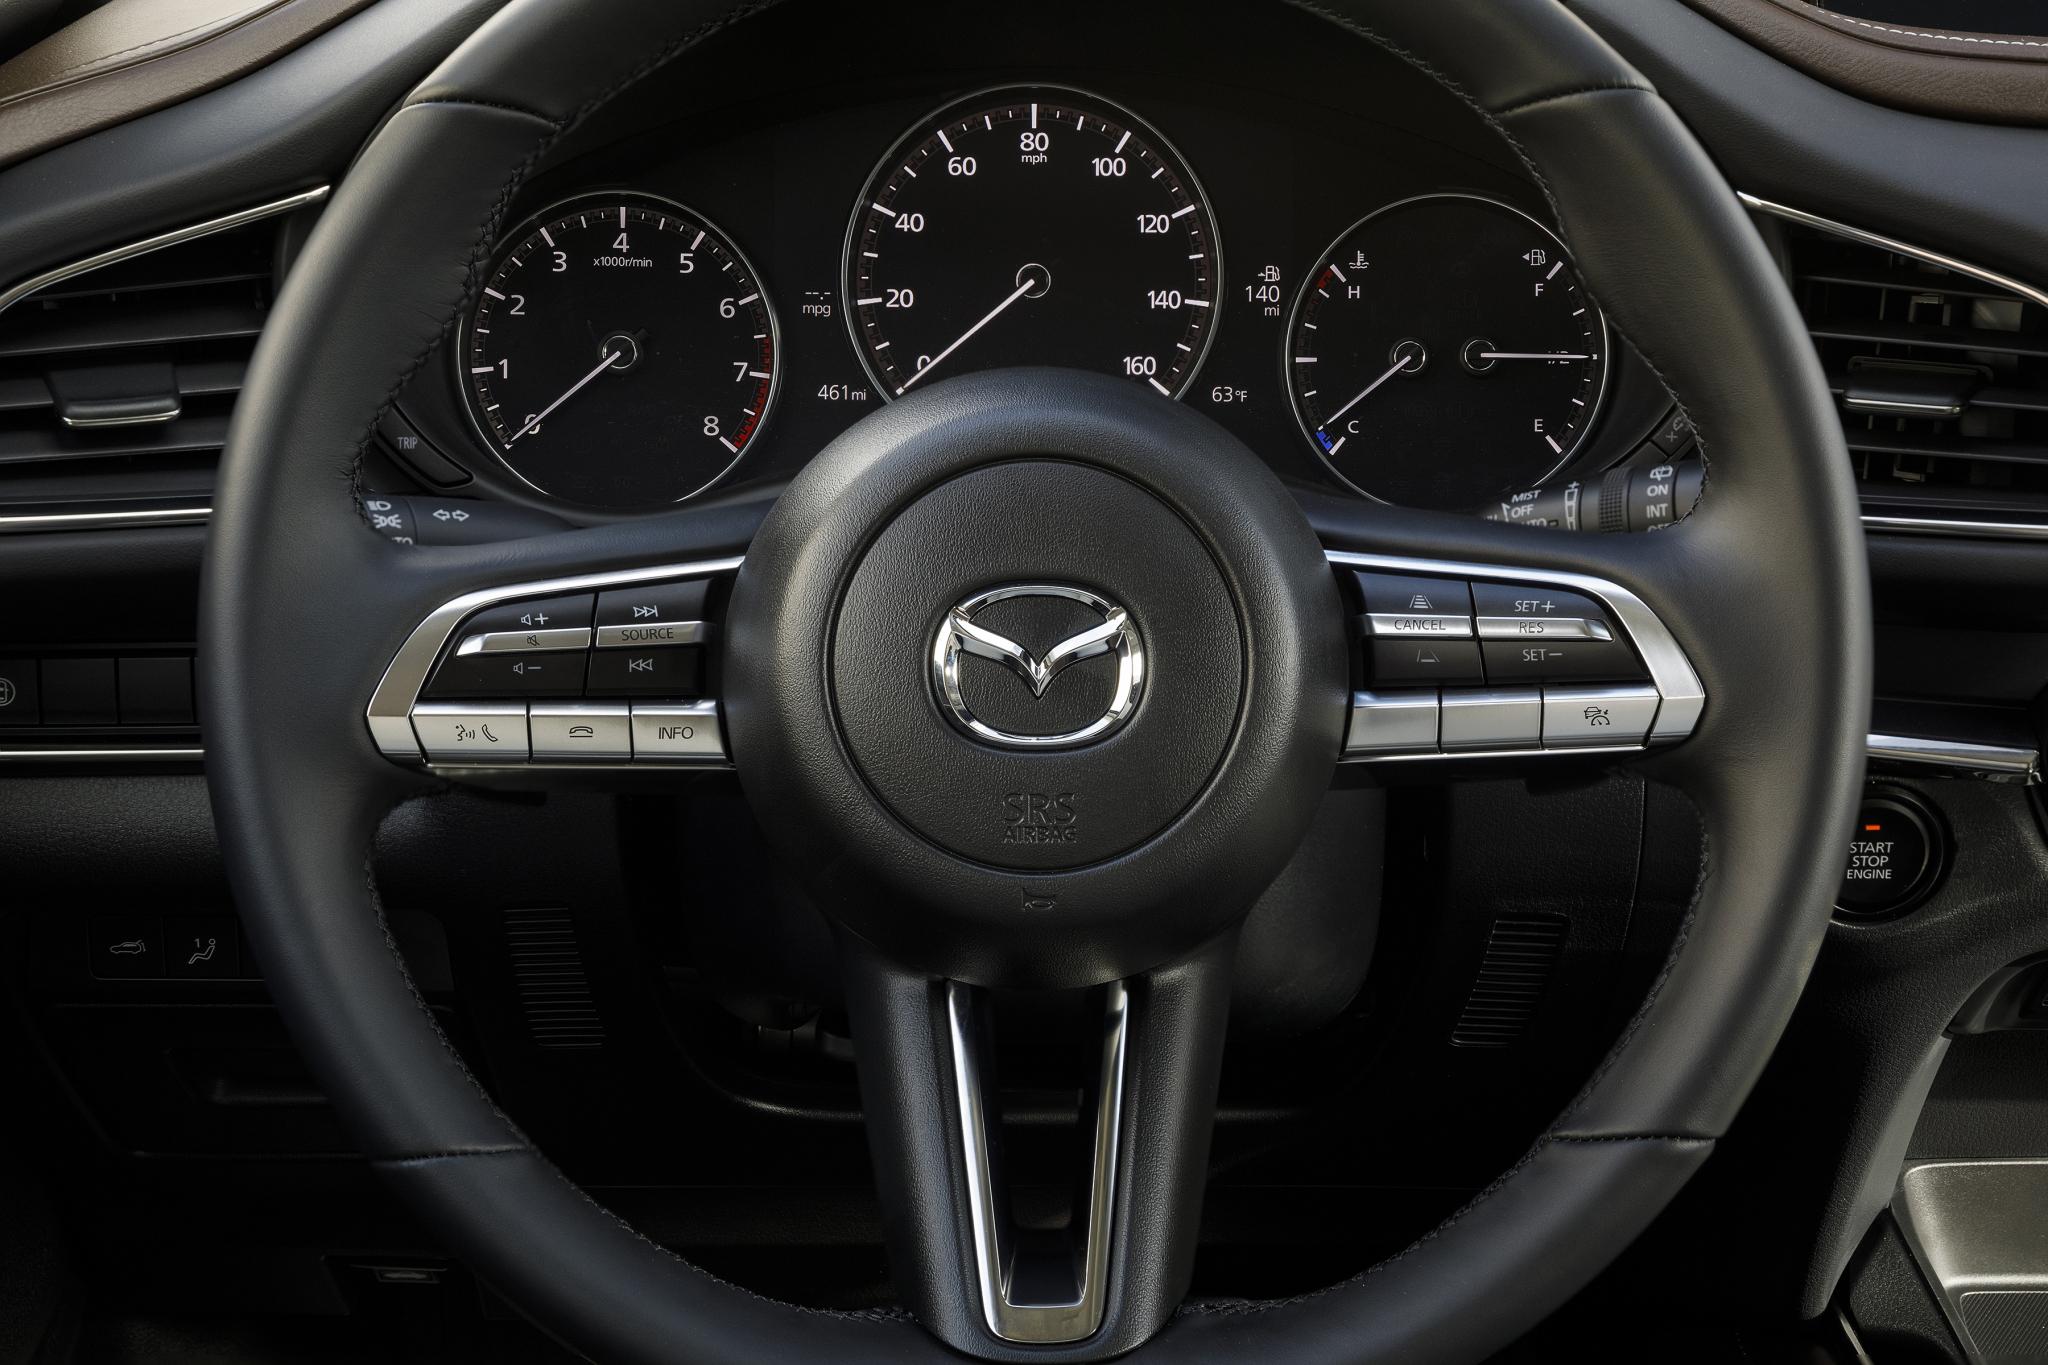 2020_Mazda_CX-30_Interior_27